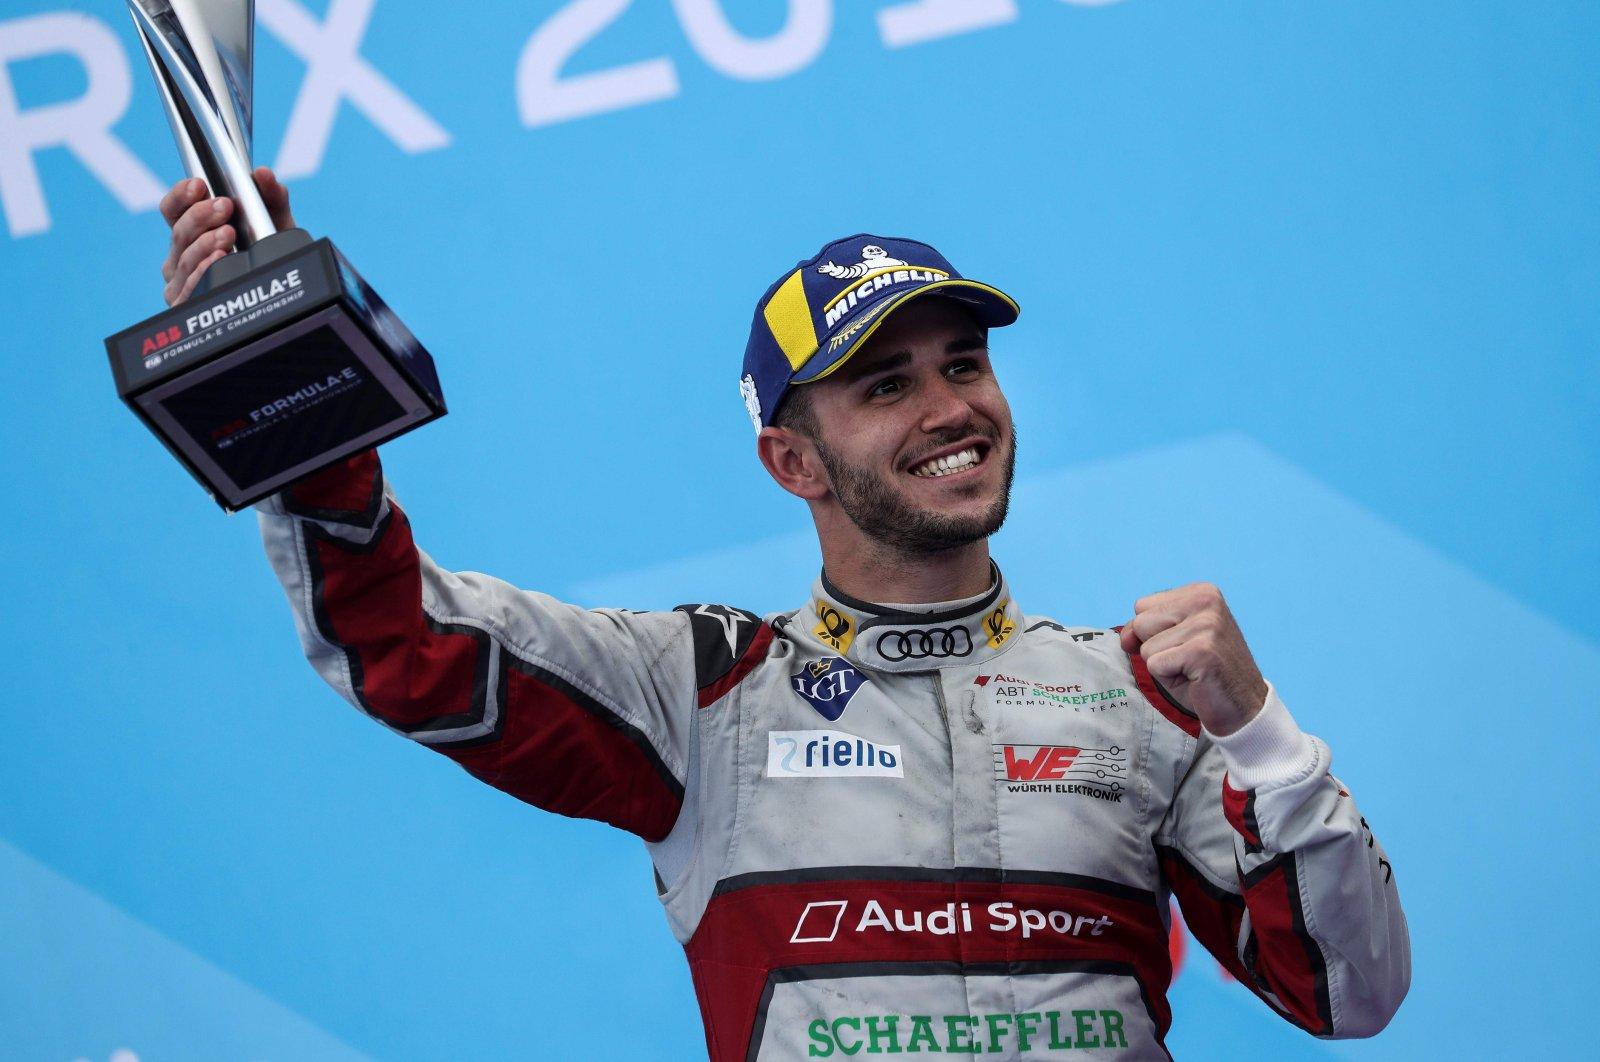 Daniel Abt celebrates after a Formula E race in Paris, France, April 27, 2019. (AFP Photo)